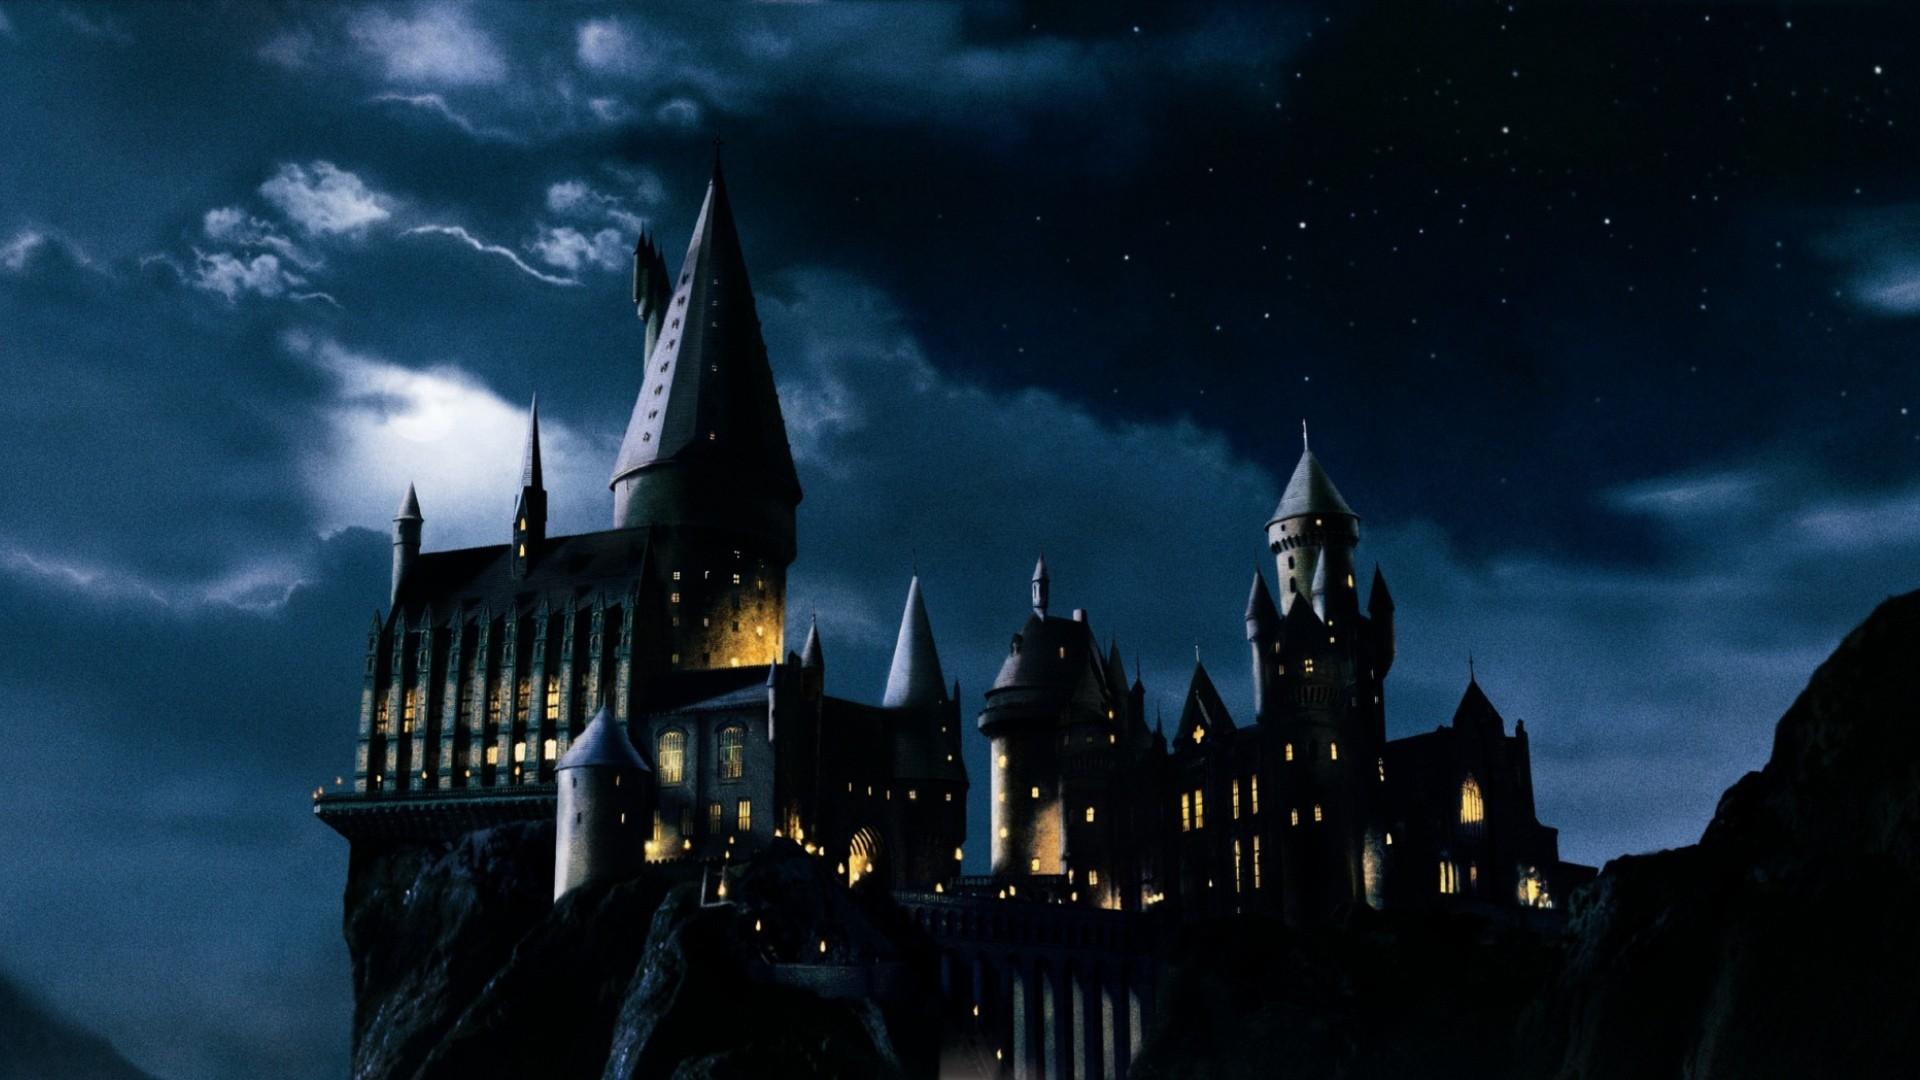 哈利·波特与魔法石-harry potter